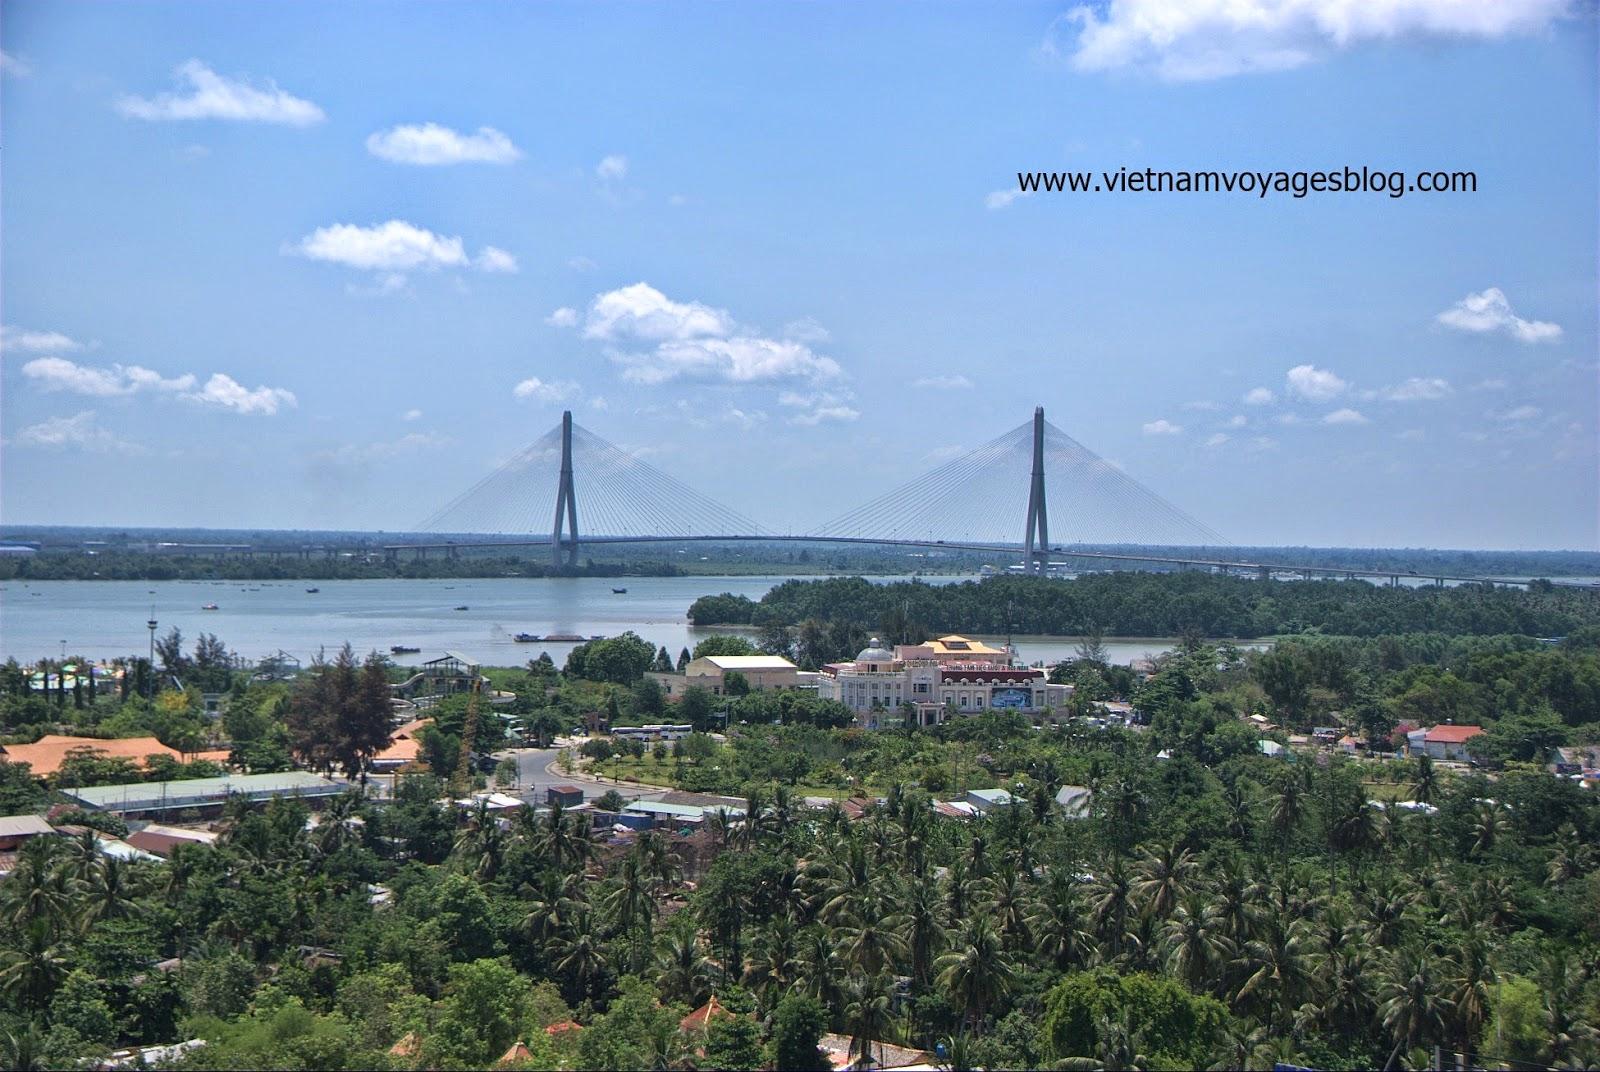 Tham quan miền tây sông nước - 2014